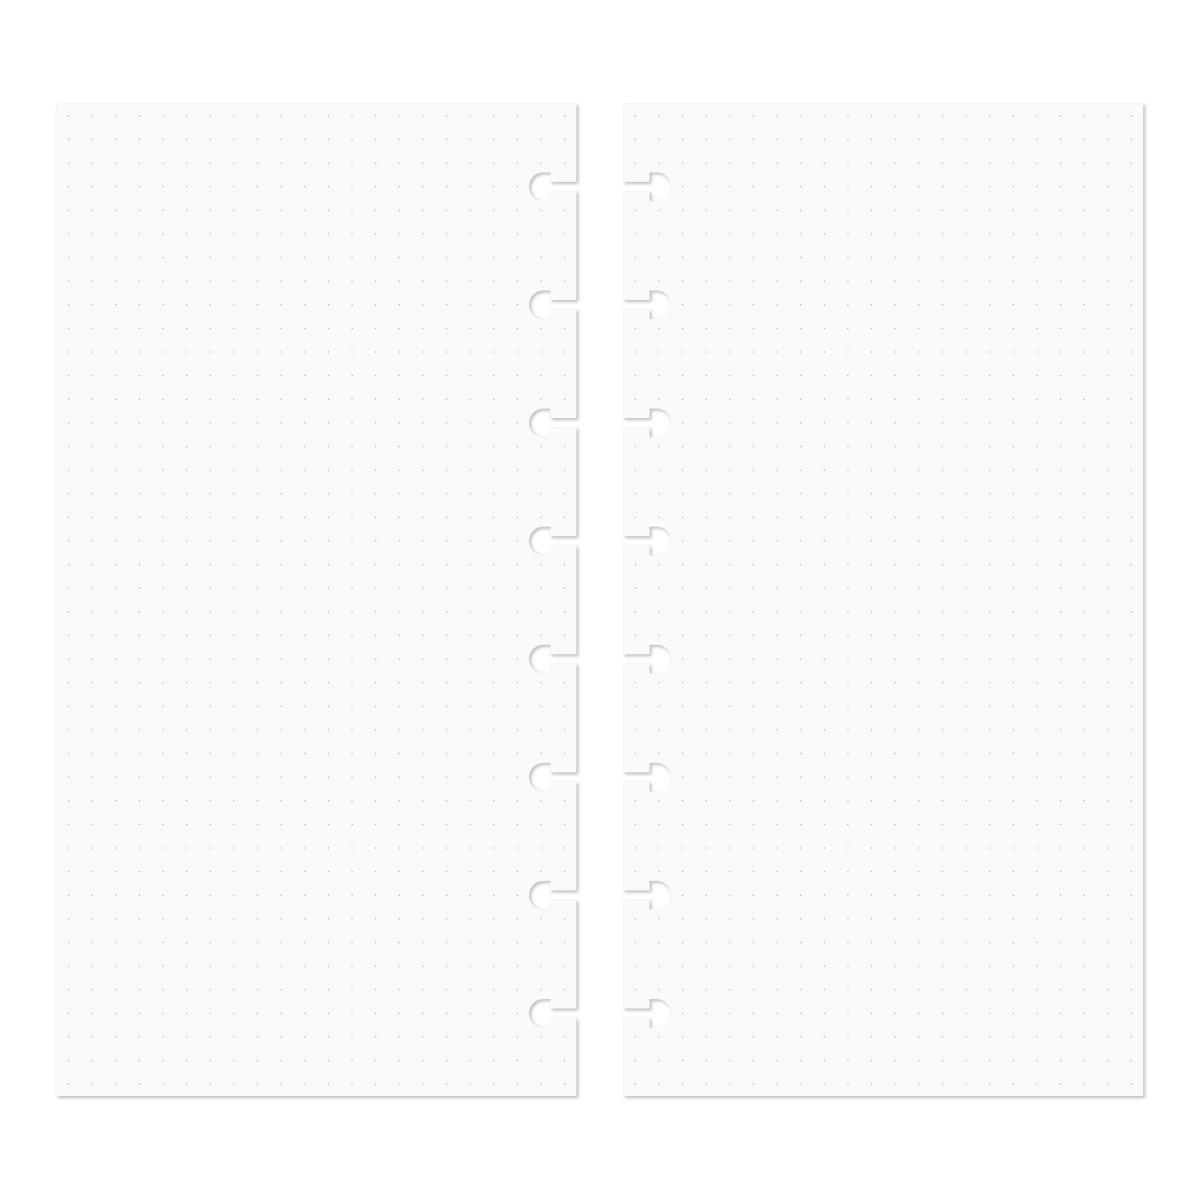 Discagenda Discbound Traveler's Notebook Insert Refills (Dots)